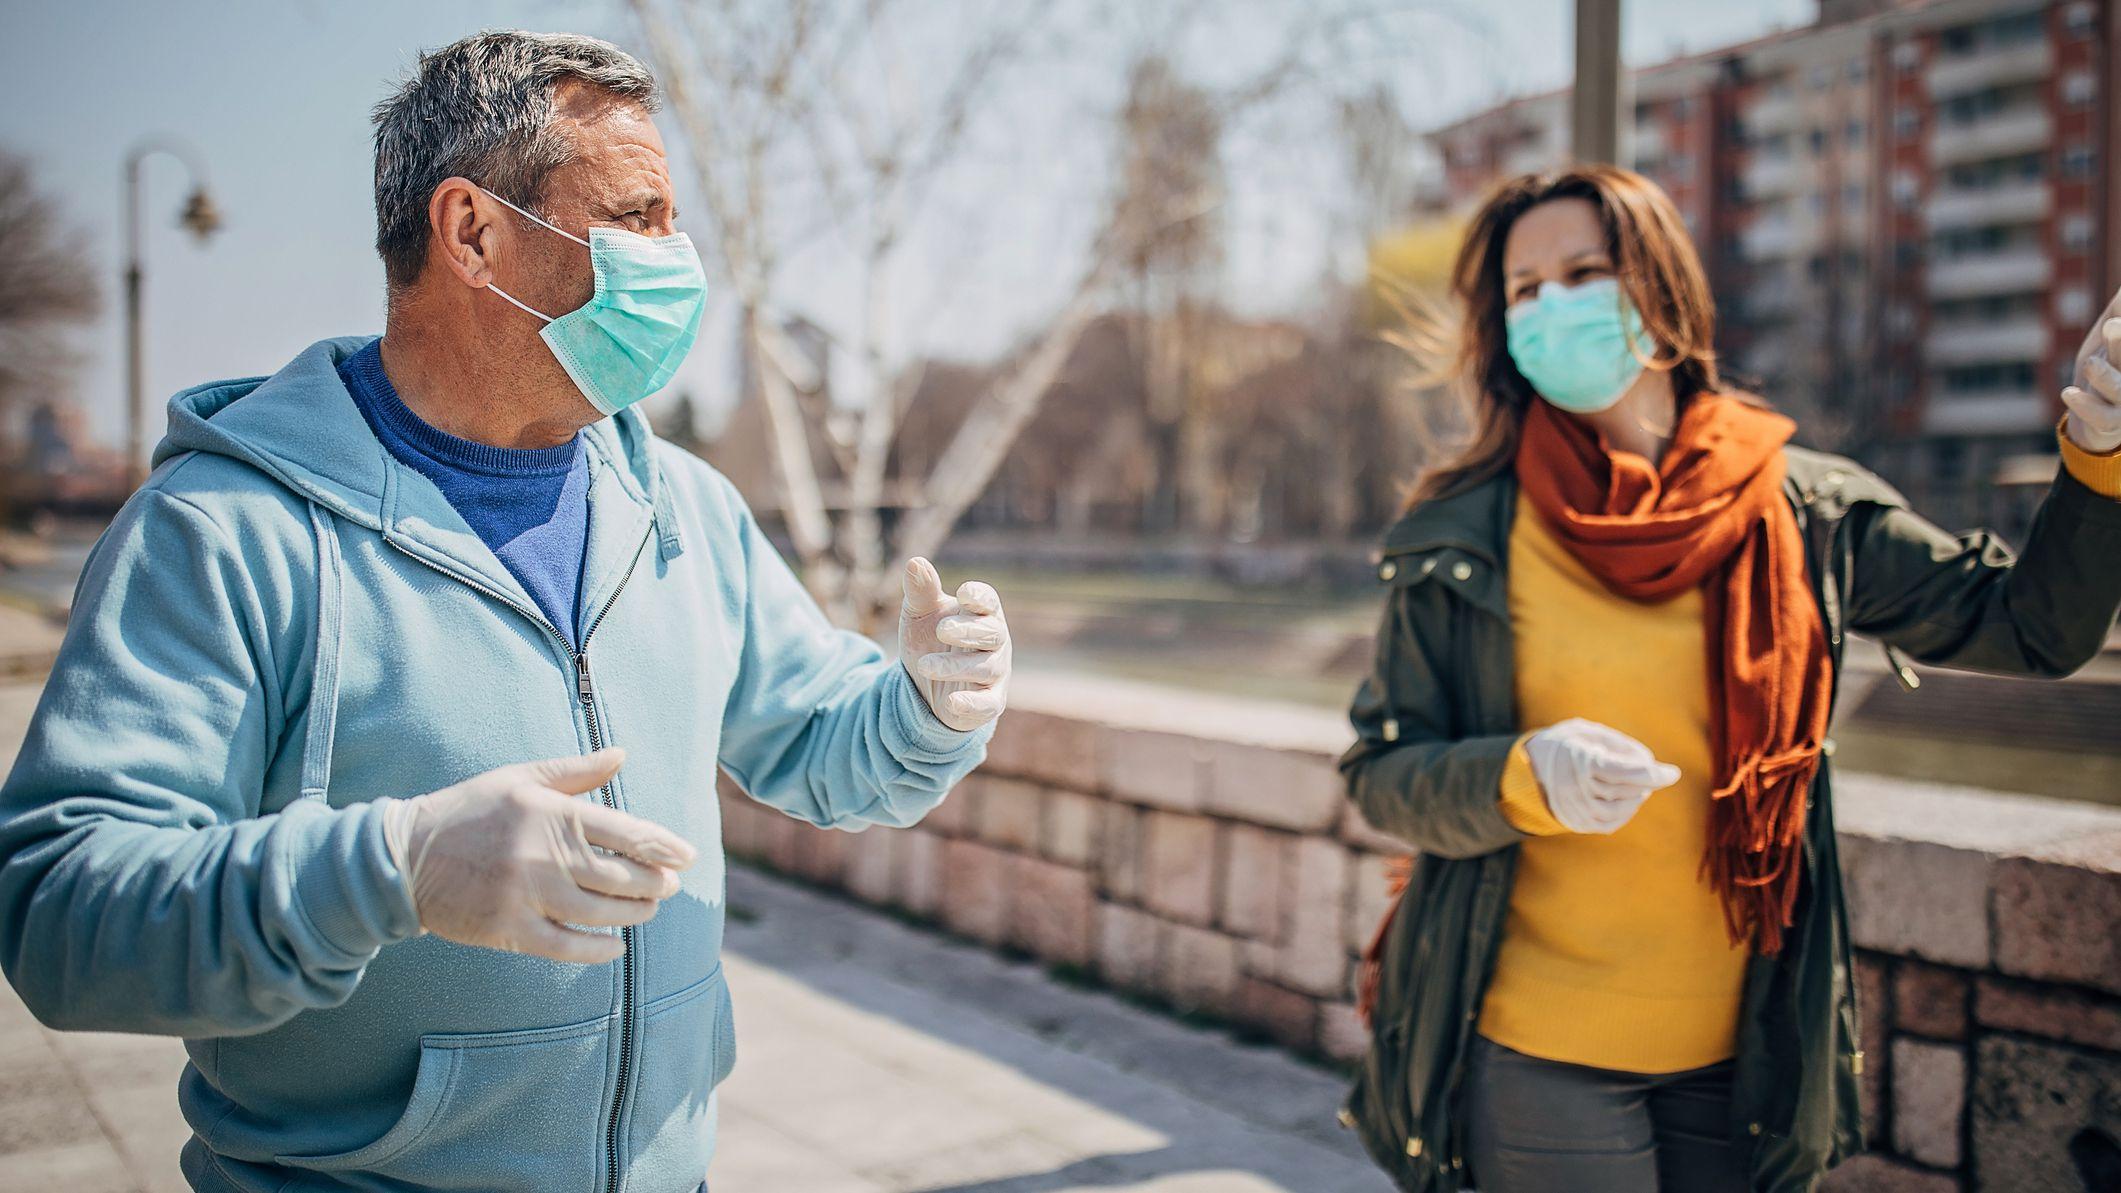 Φαινόμενο McGurk: Ποιες είναι οι επιπτώσεις της χρήσης της μάσκας [pic, vid]